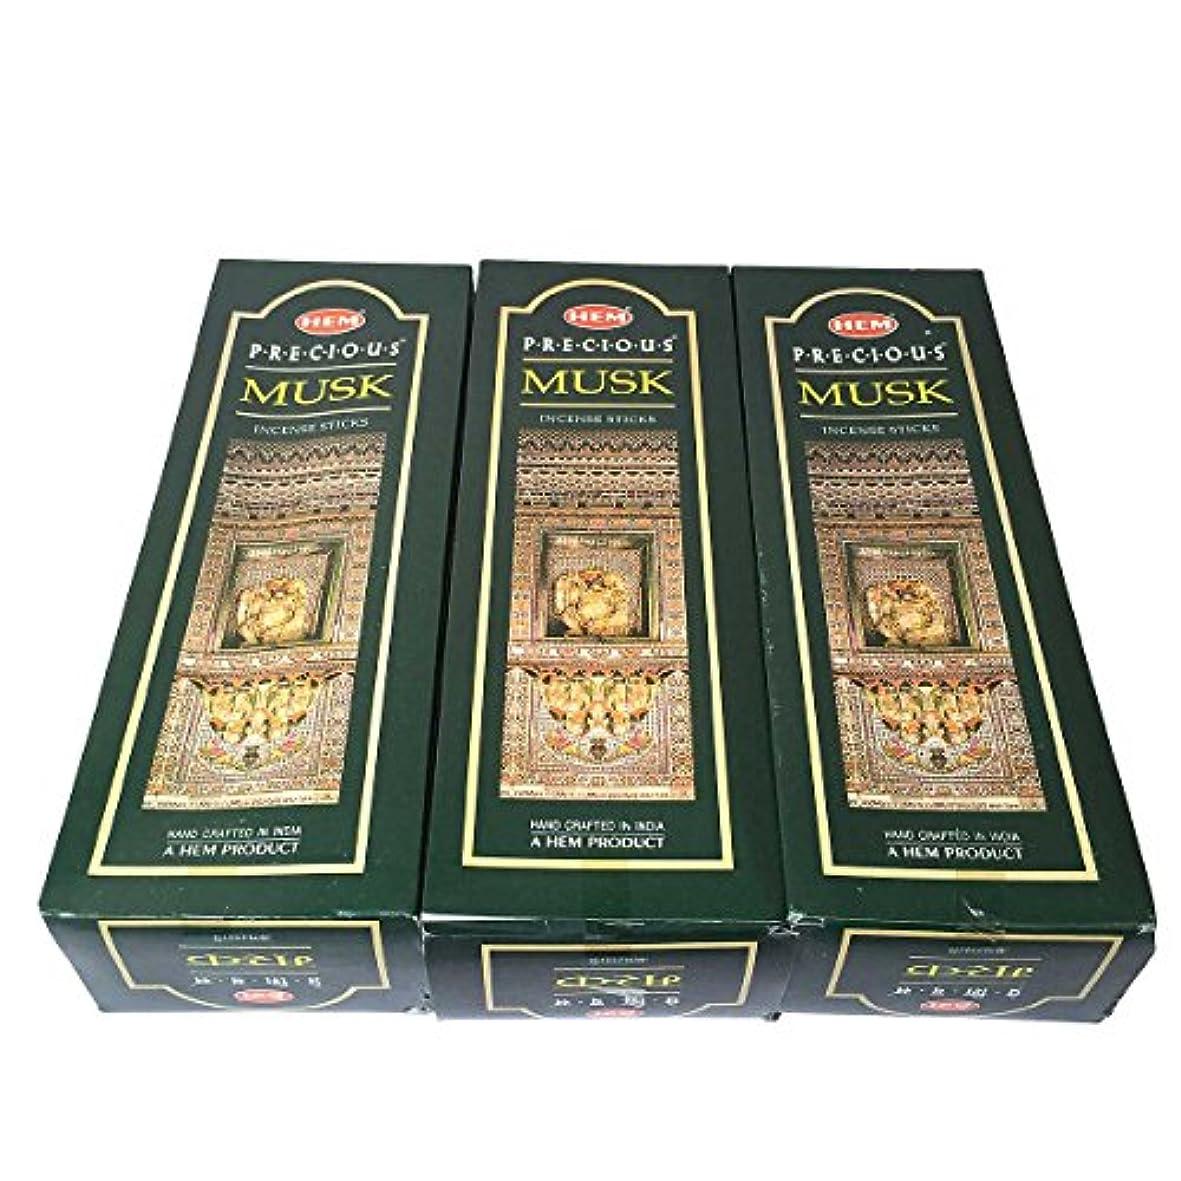 発見ガス脱走プレシャスムスク香スティック 3BOX(18箱) /HEM PRECIOUS MUSK/インセンス/インド香 お香 [並行輸入品]